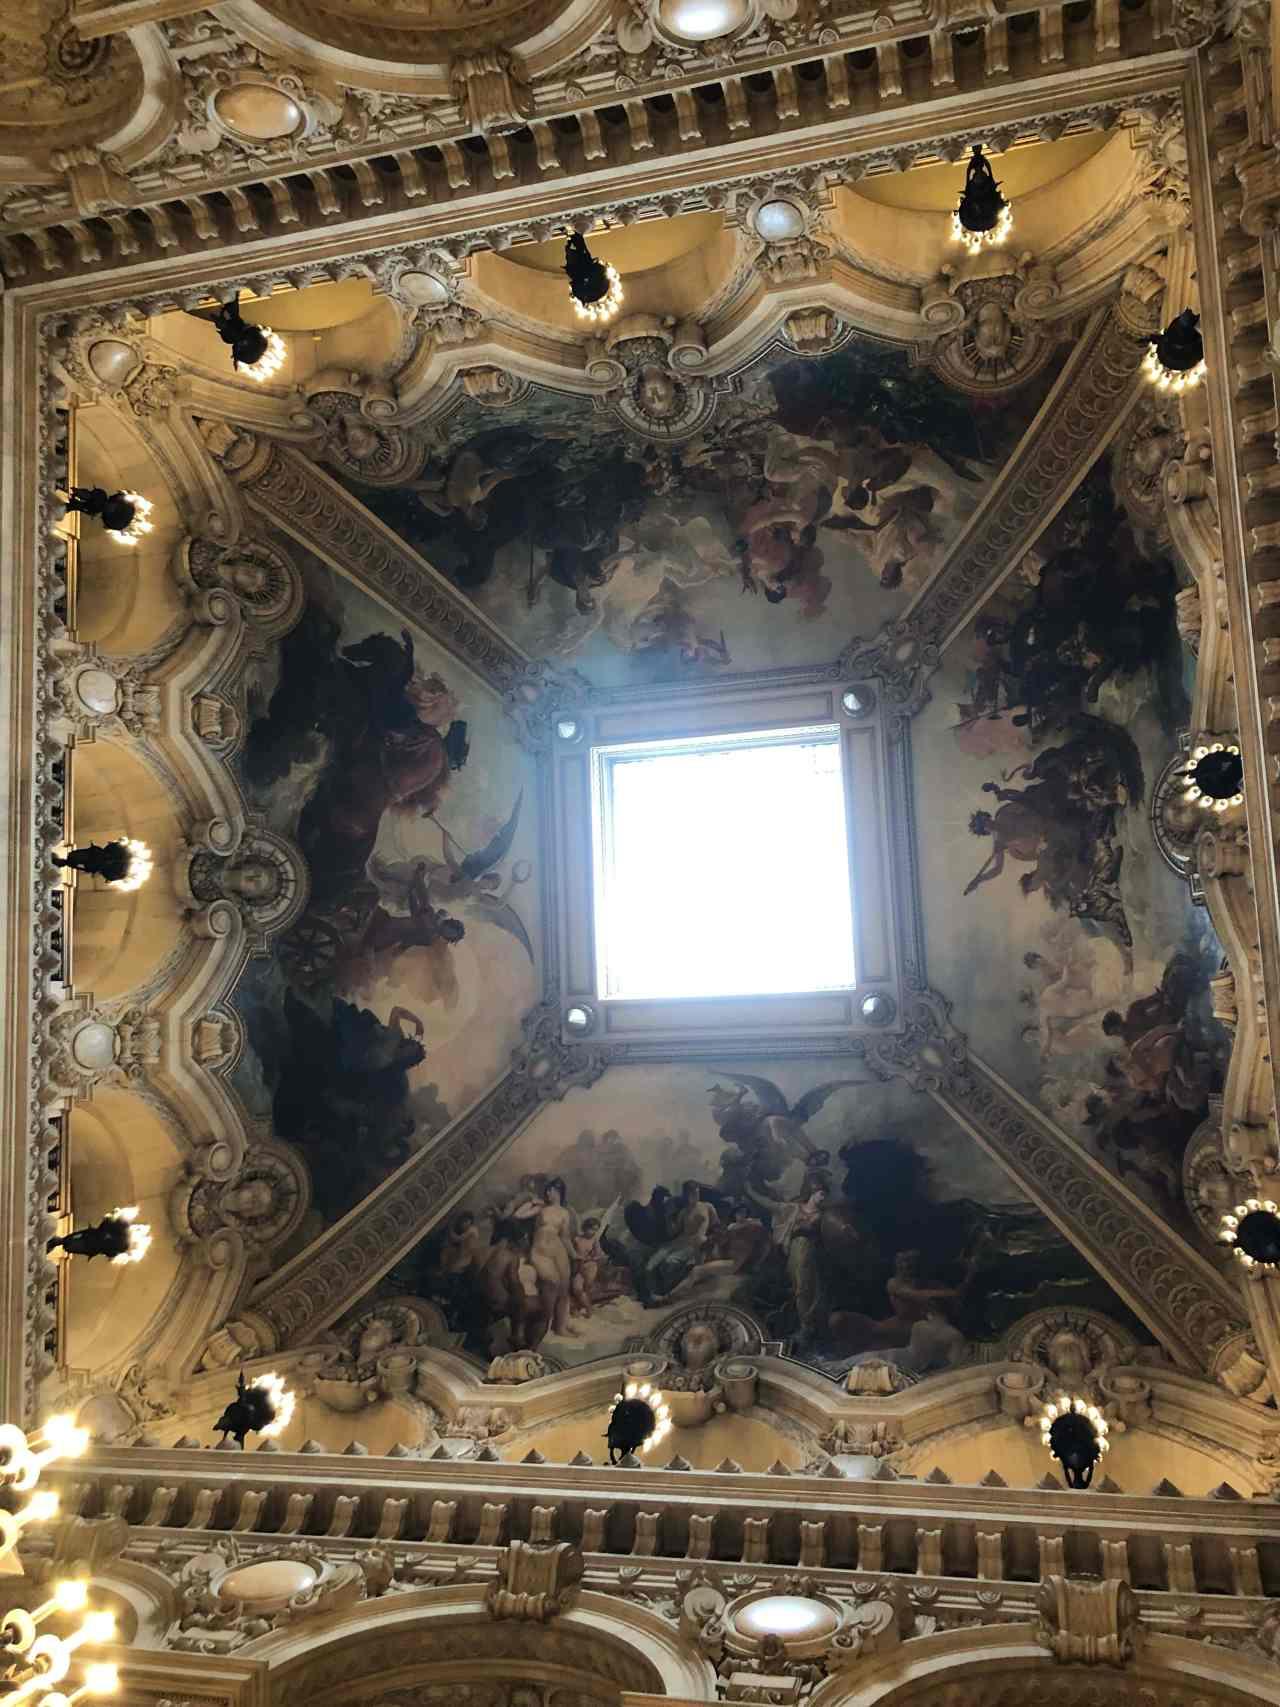 Palais Garnier Opera House Paris ceiling